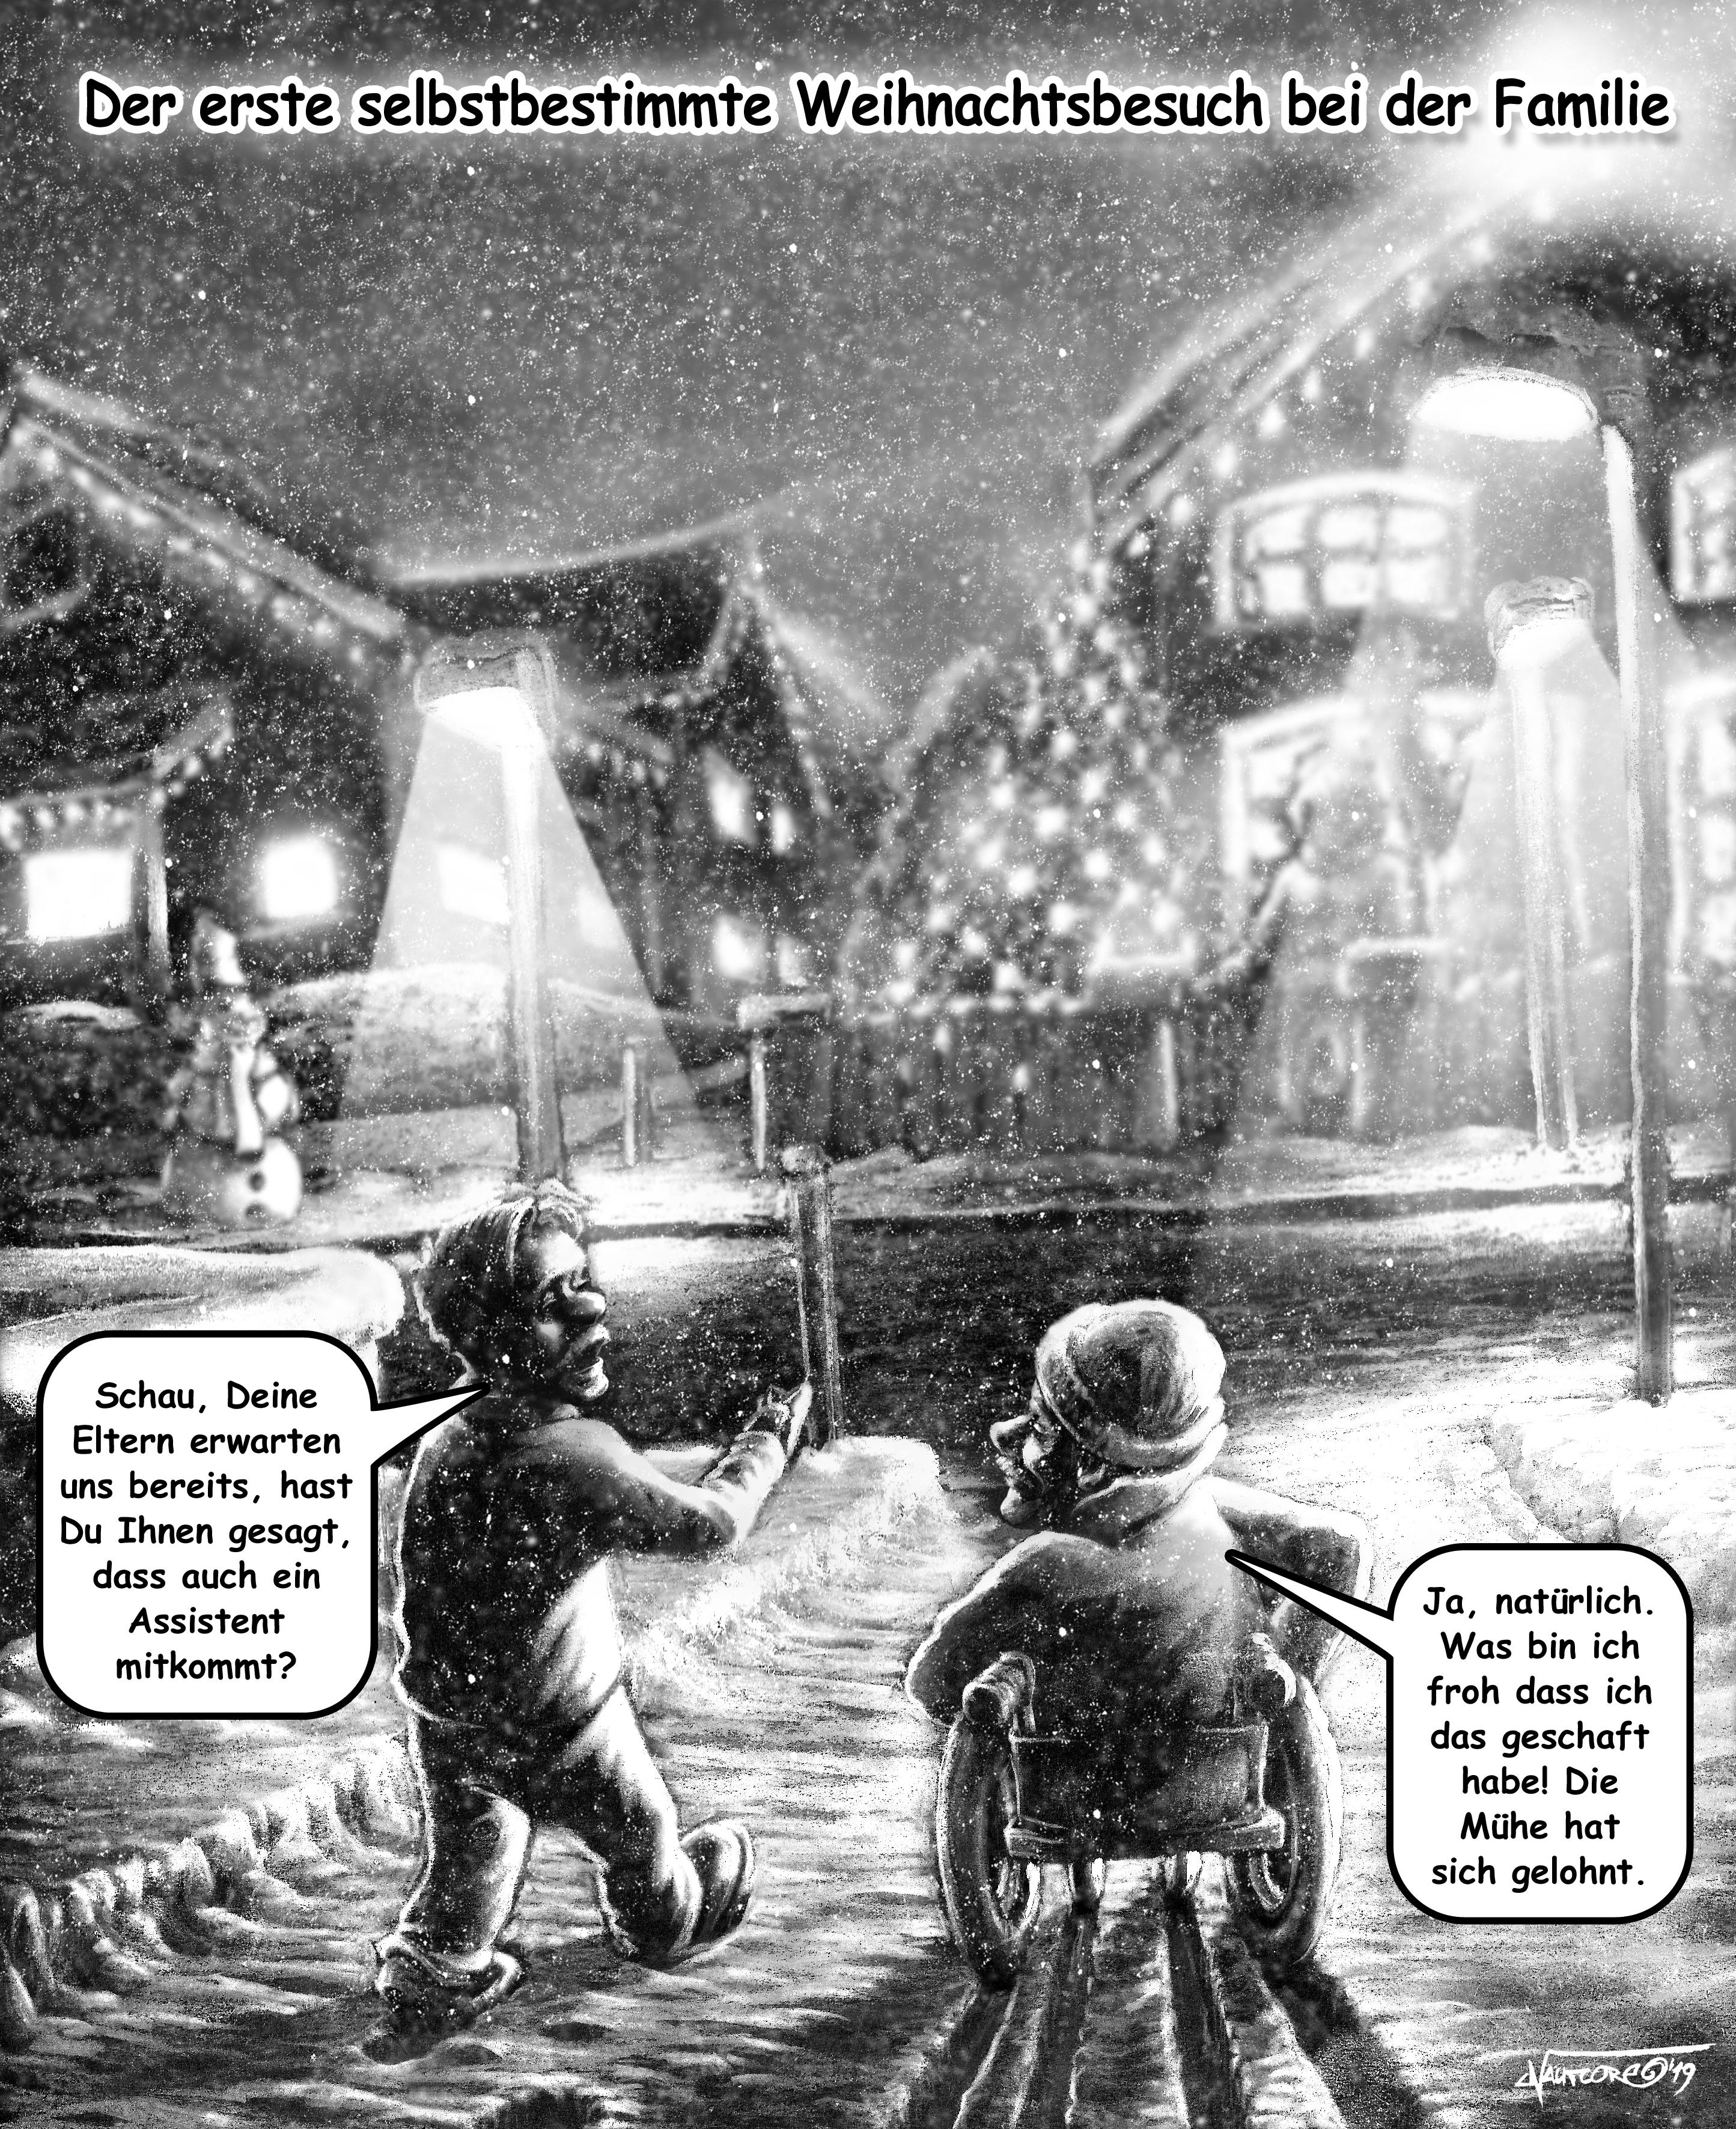 INFORUM-Titelbild zur Weihnachtsgeschichte 2019